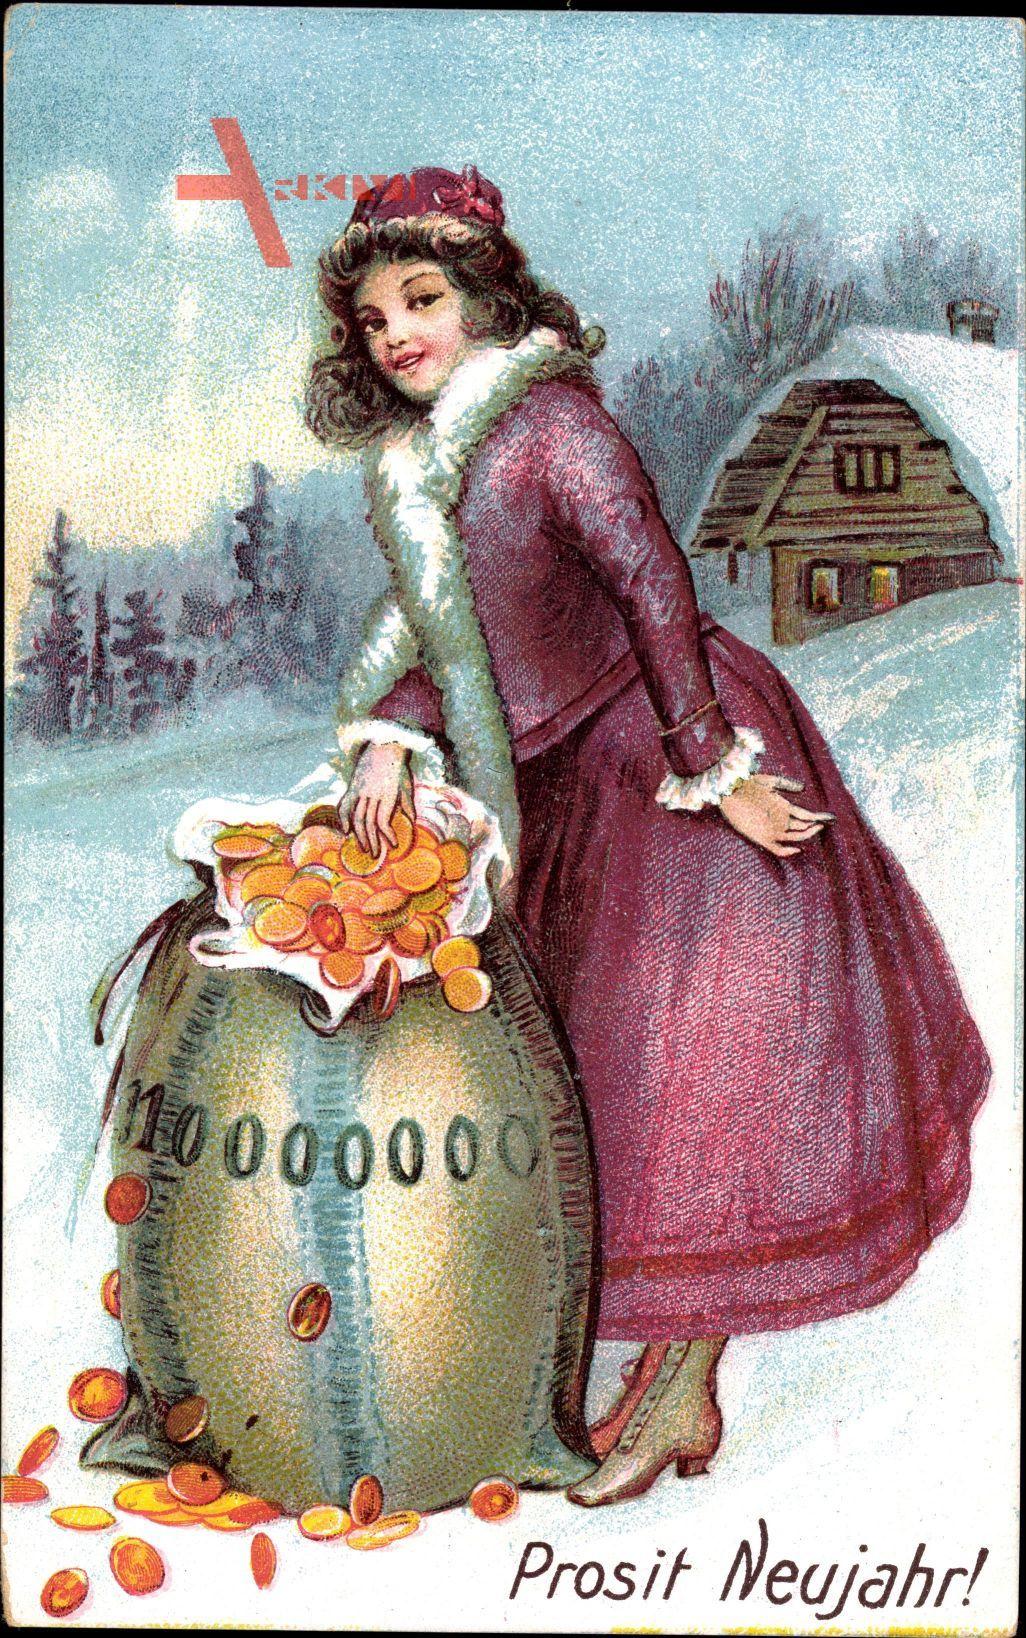 Glückwunsch Neujahr, Frau mit Geldsack, Münzen, 10000000 Goldmark